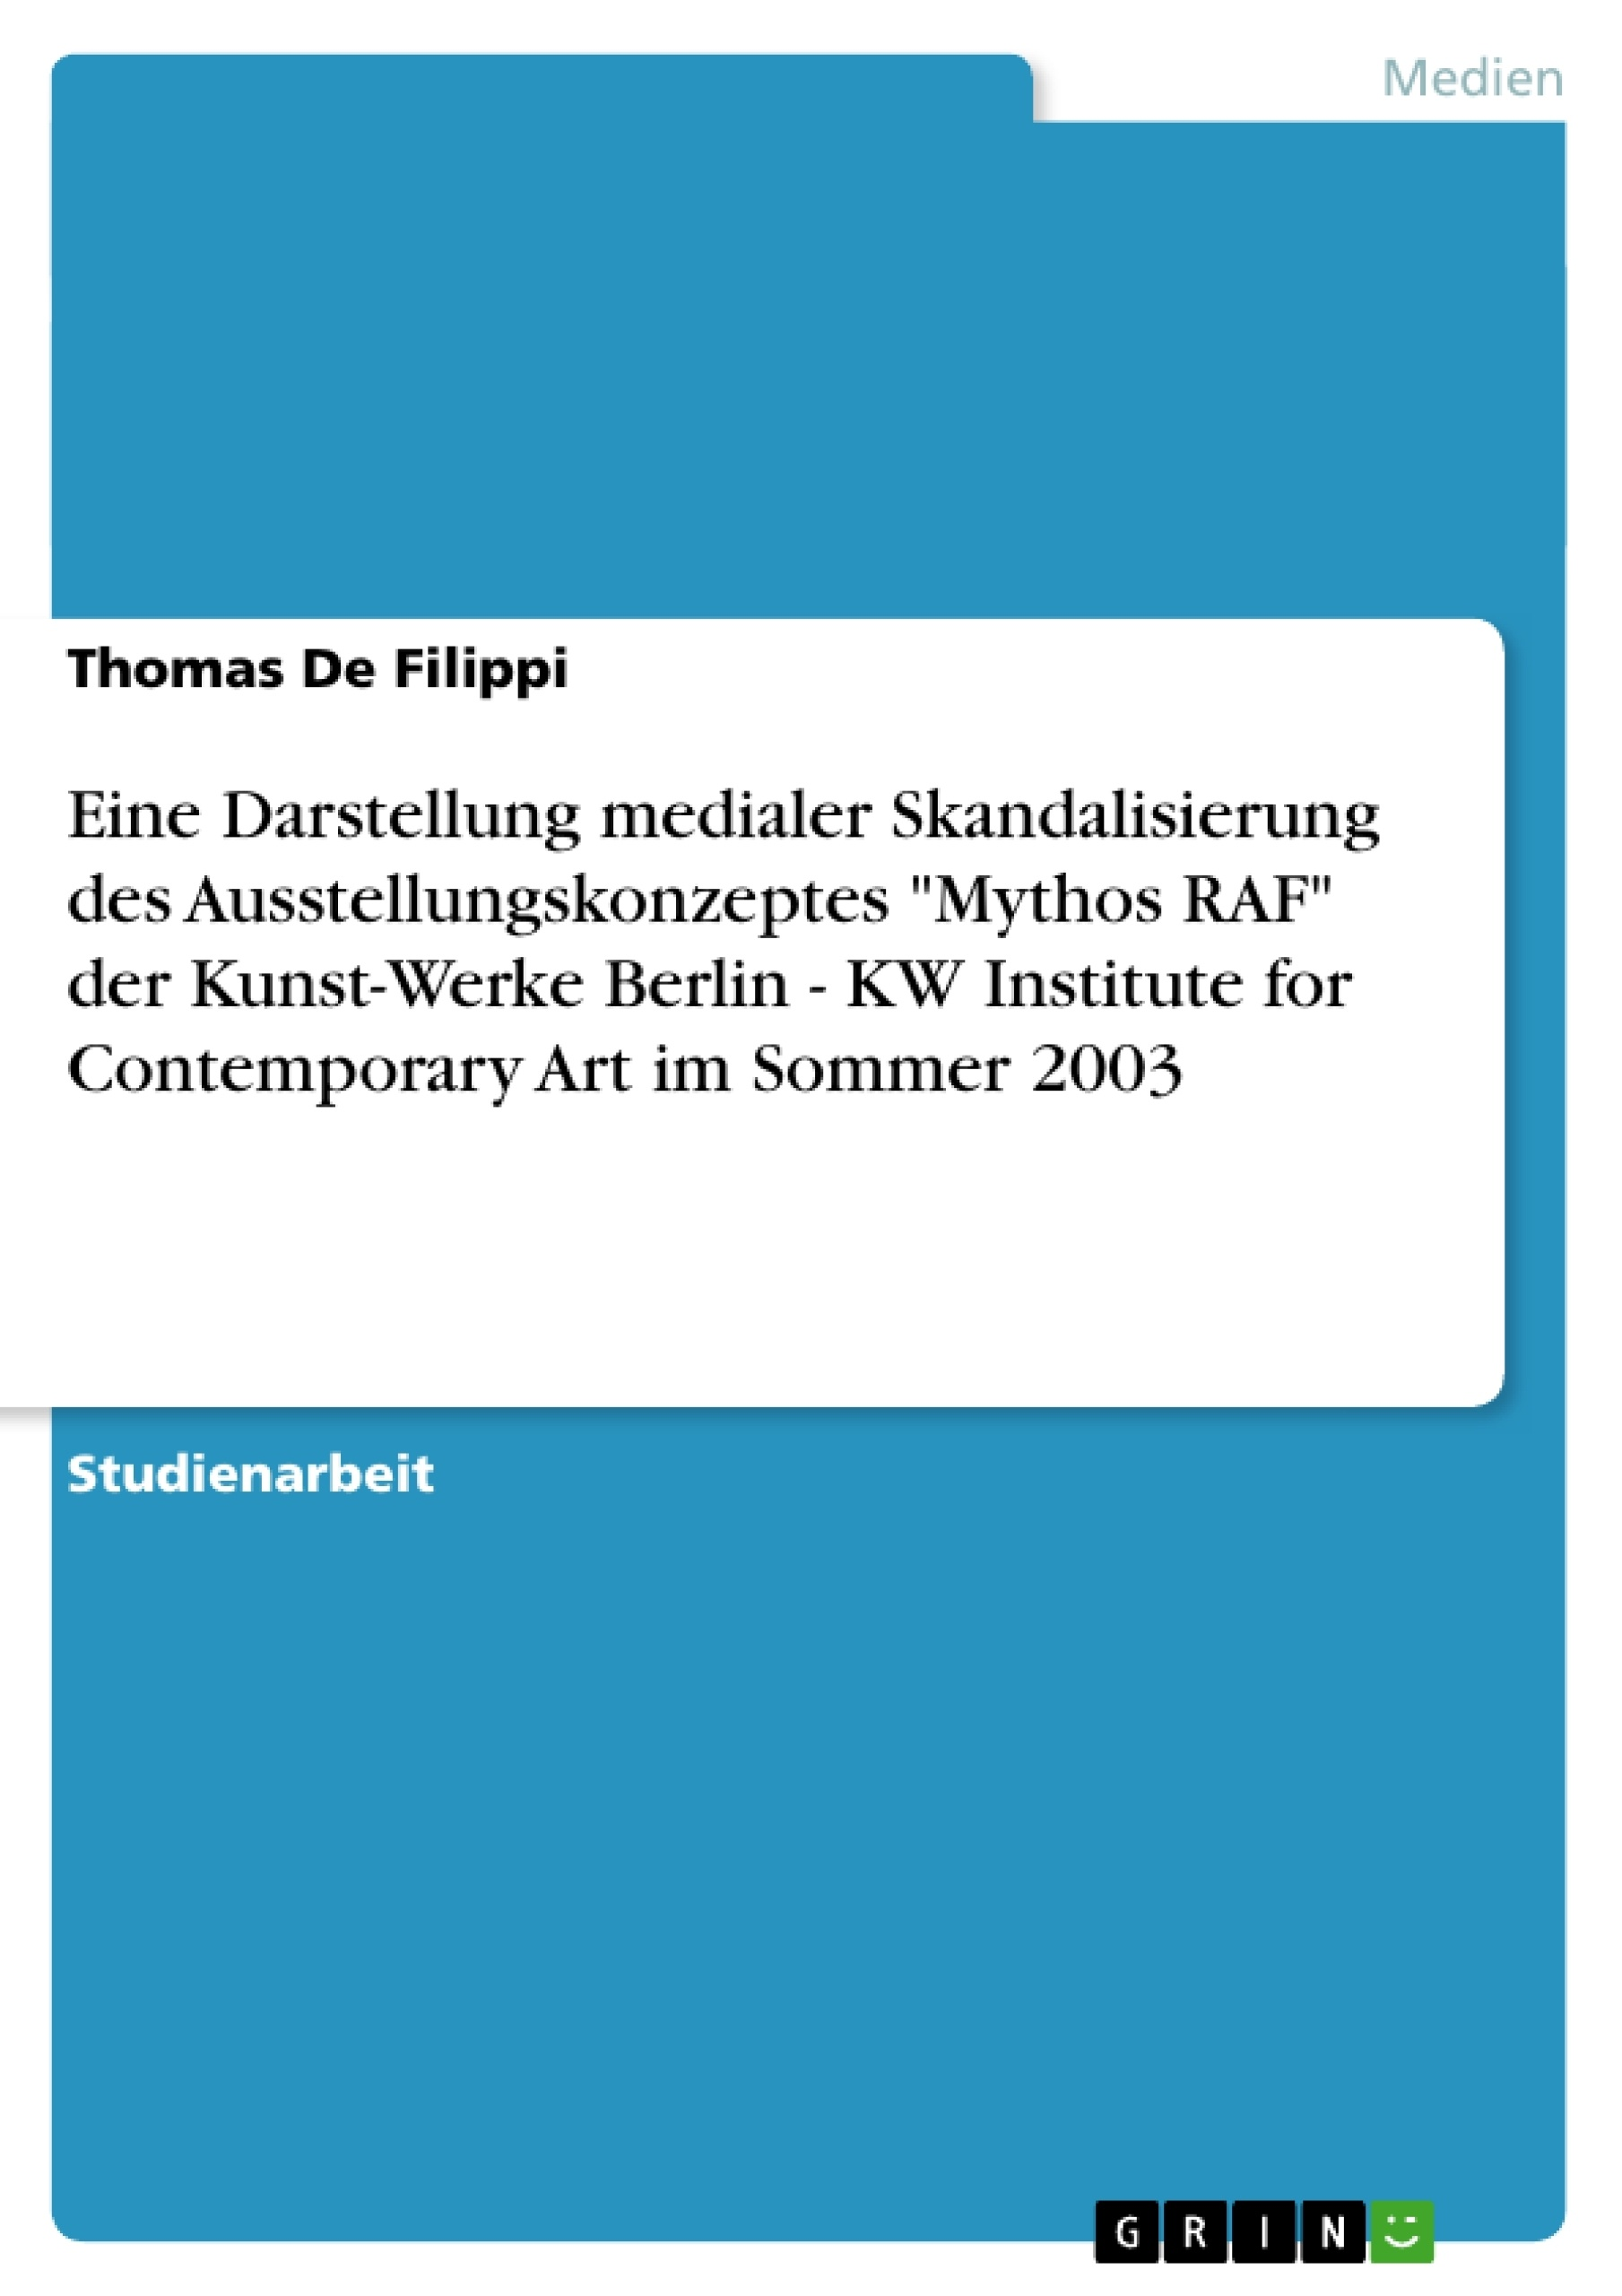 """Titel: Eine Darstellung medialer Skandalisierung des Ausstellungskonzeptes """"Mythos RAF"""" der Kunst-Werke Berlin - KW Institute for Contemporary Art im Sommer 2003"""